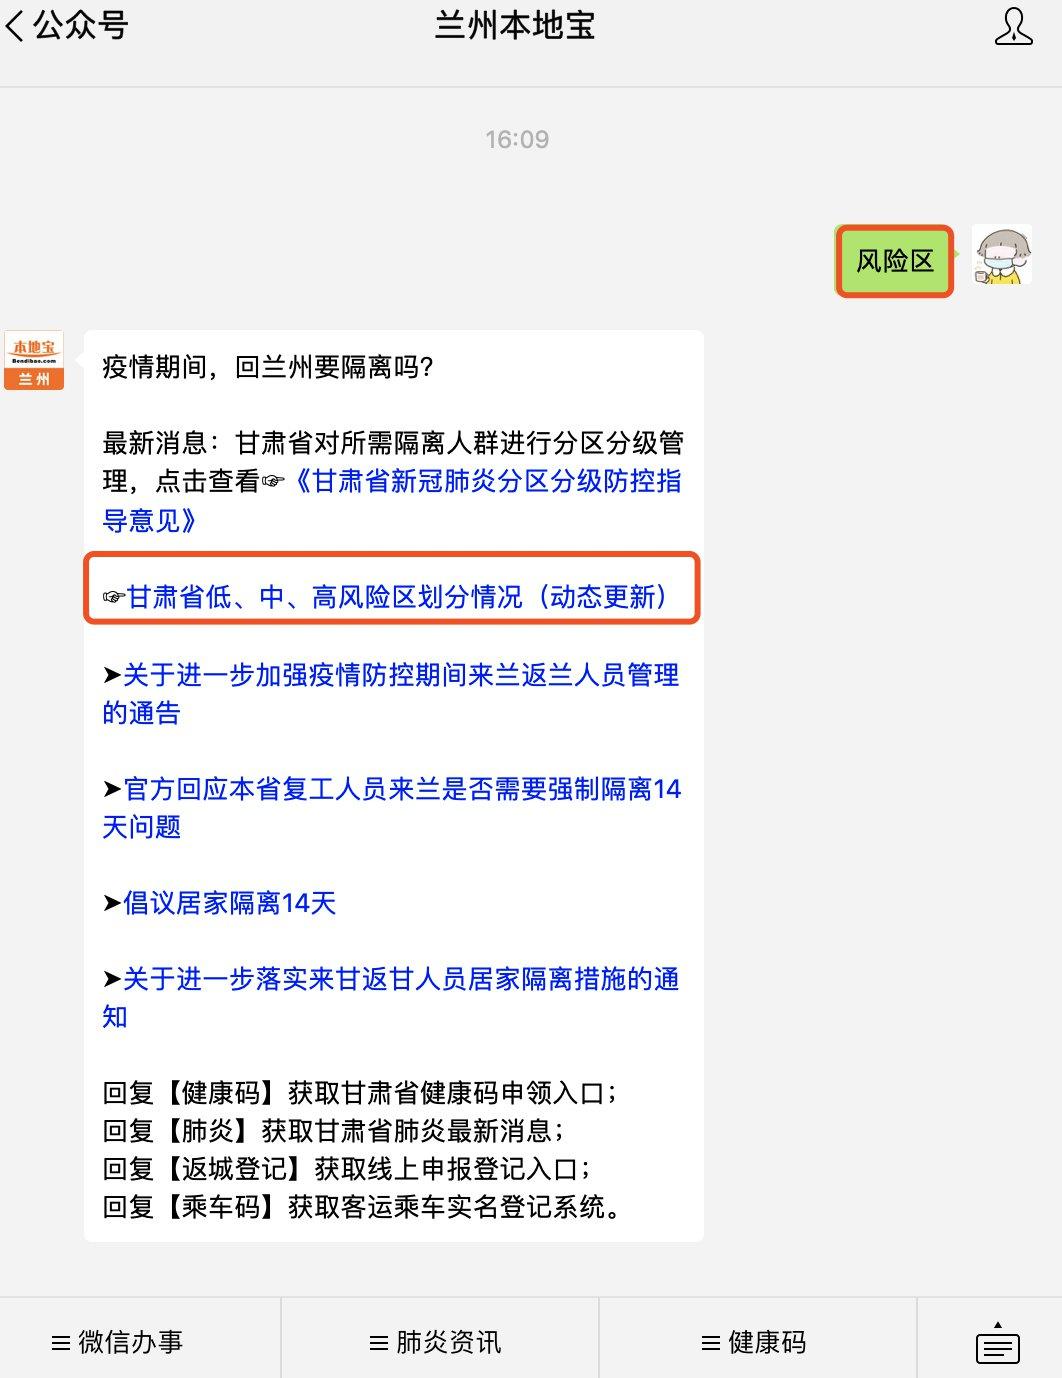 甘肃省新冠肺炎疫情等级区域划分(持续更新)